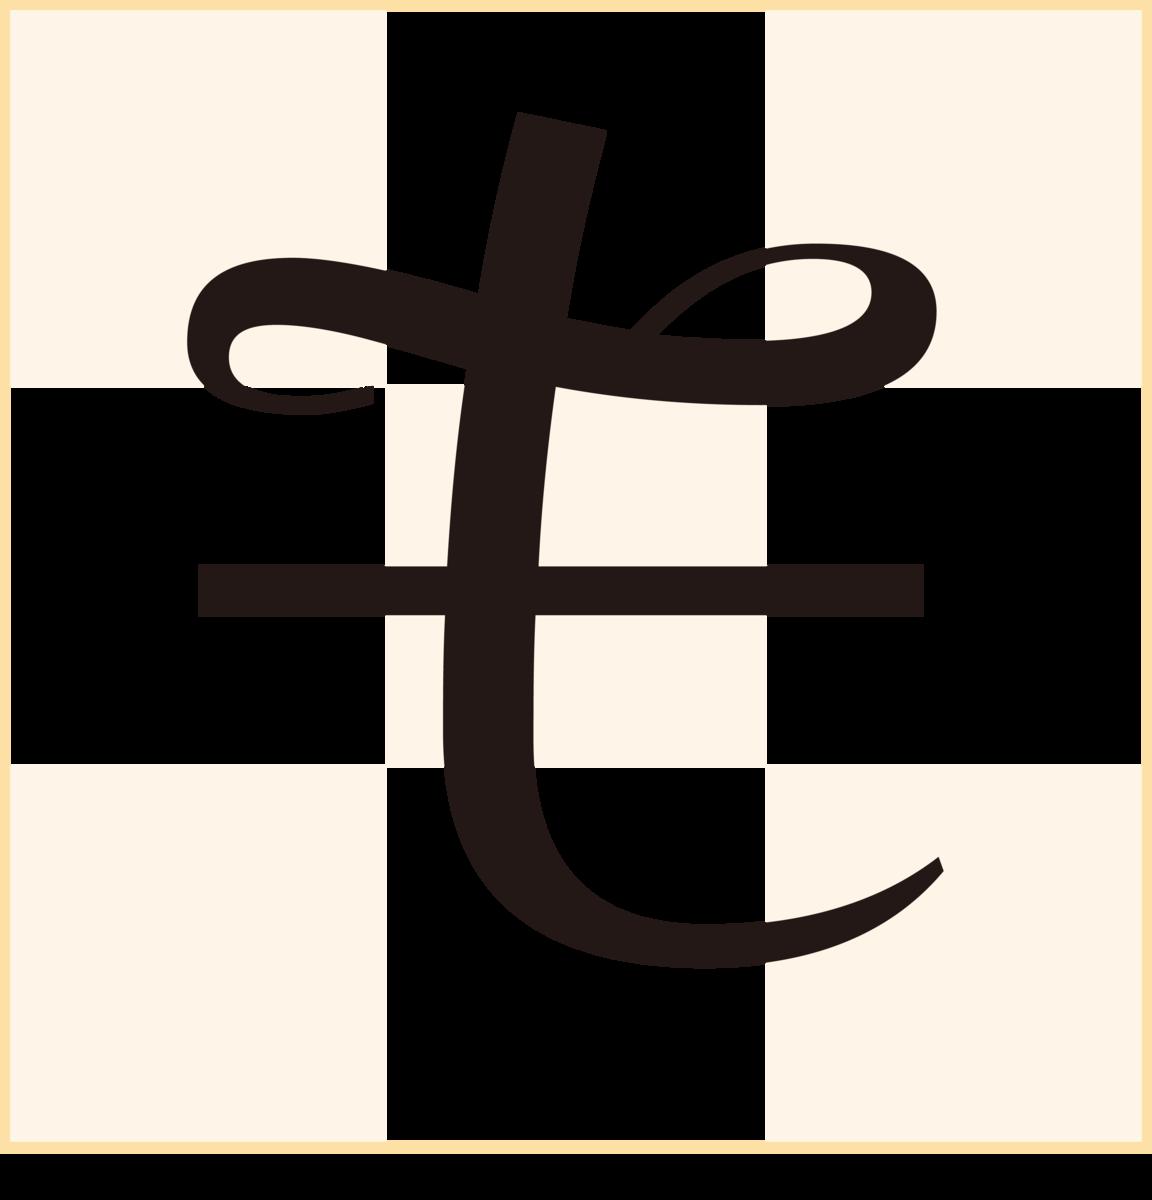 f:id:mojiru:20190528154705p:plain